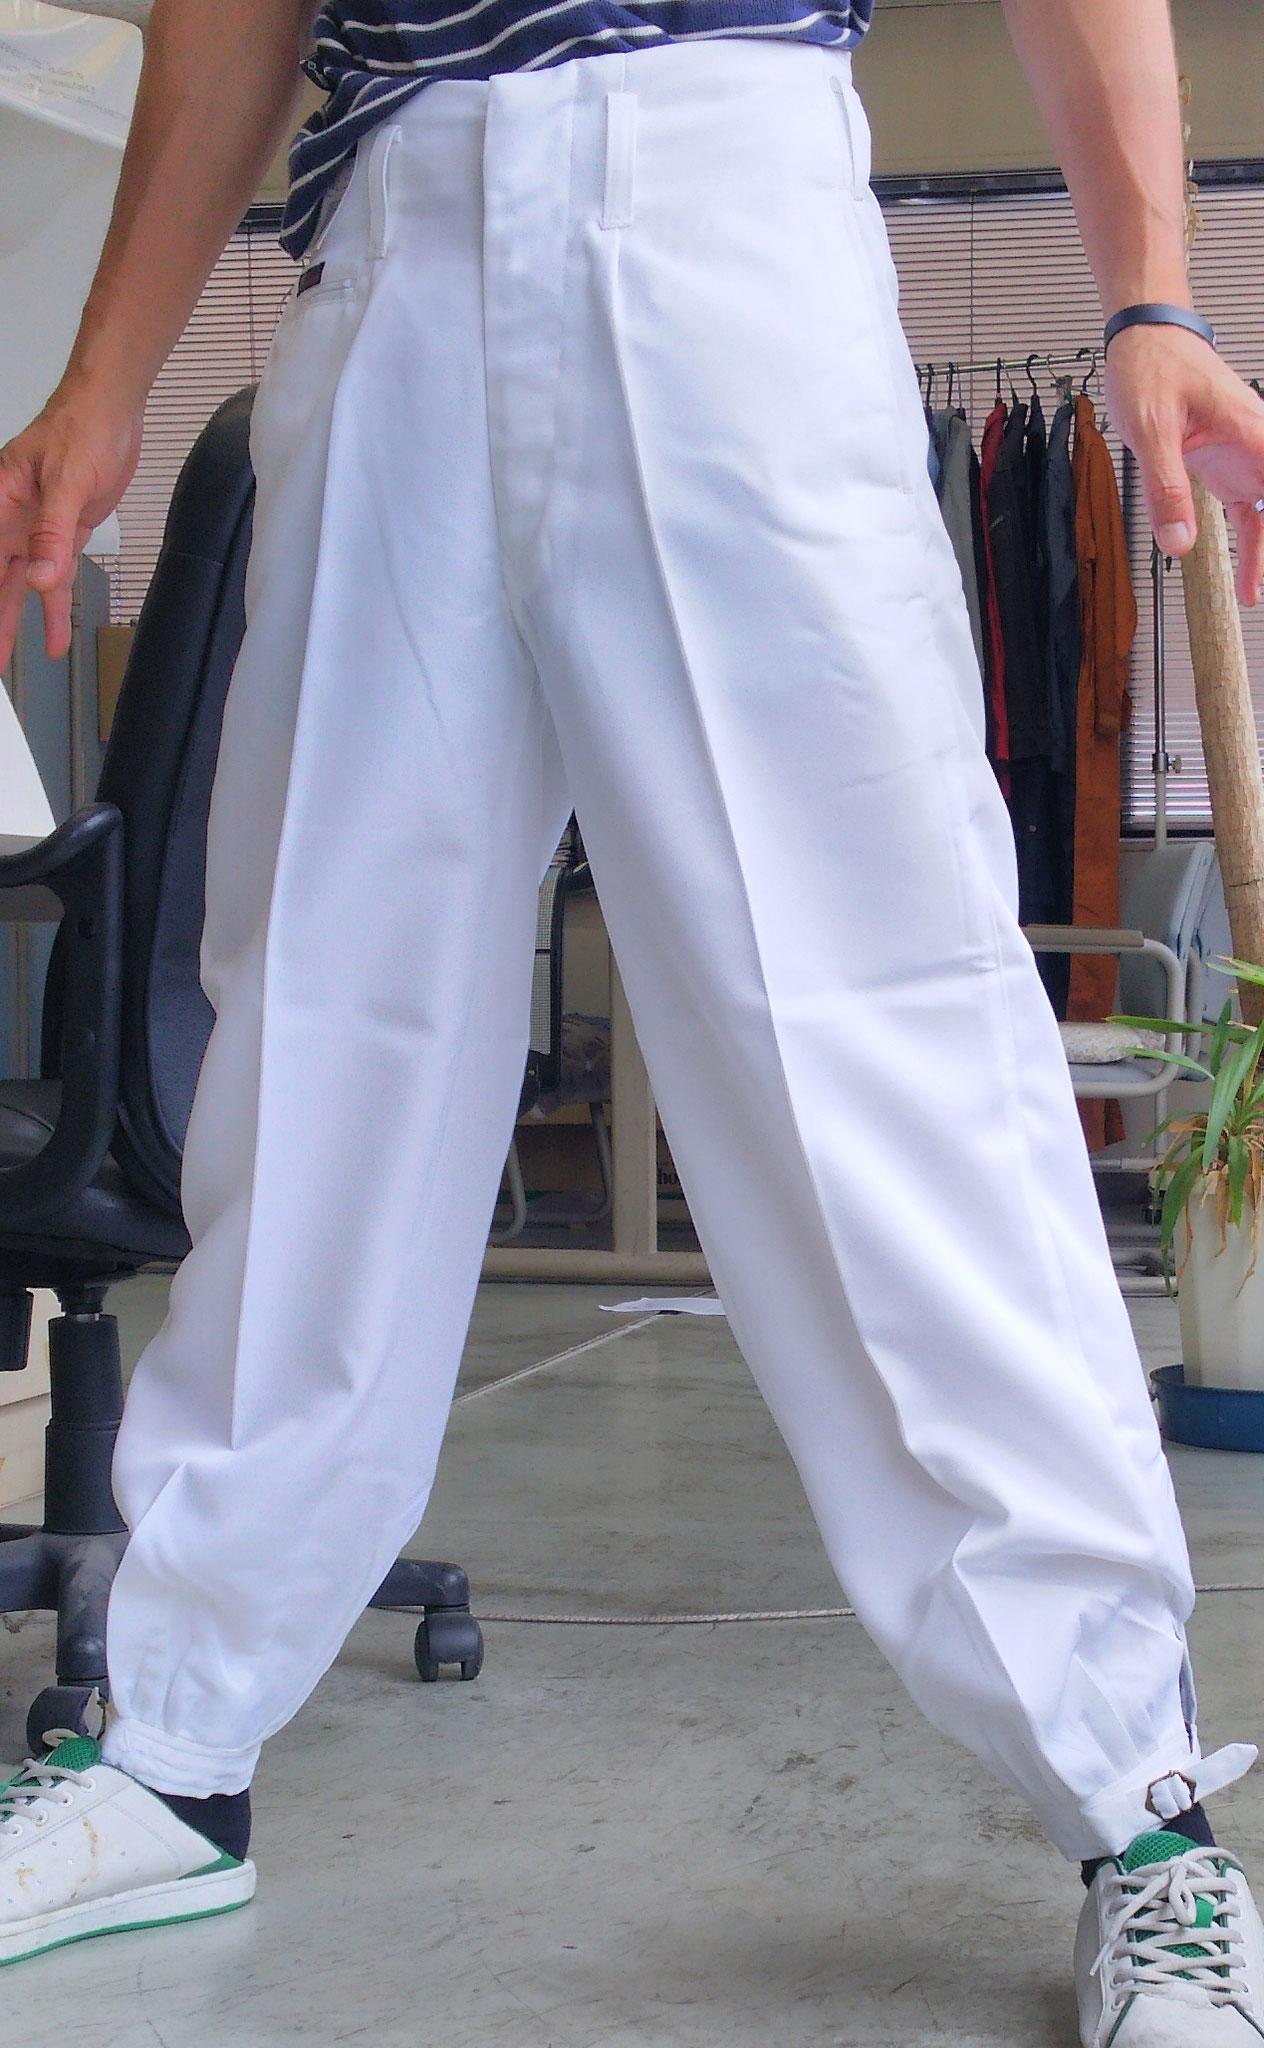 祭り用白ニッカズボン サイズ 73cm-120cm まで幅広く品揃えしております。